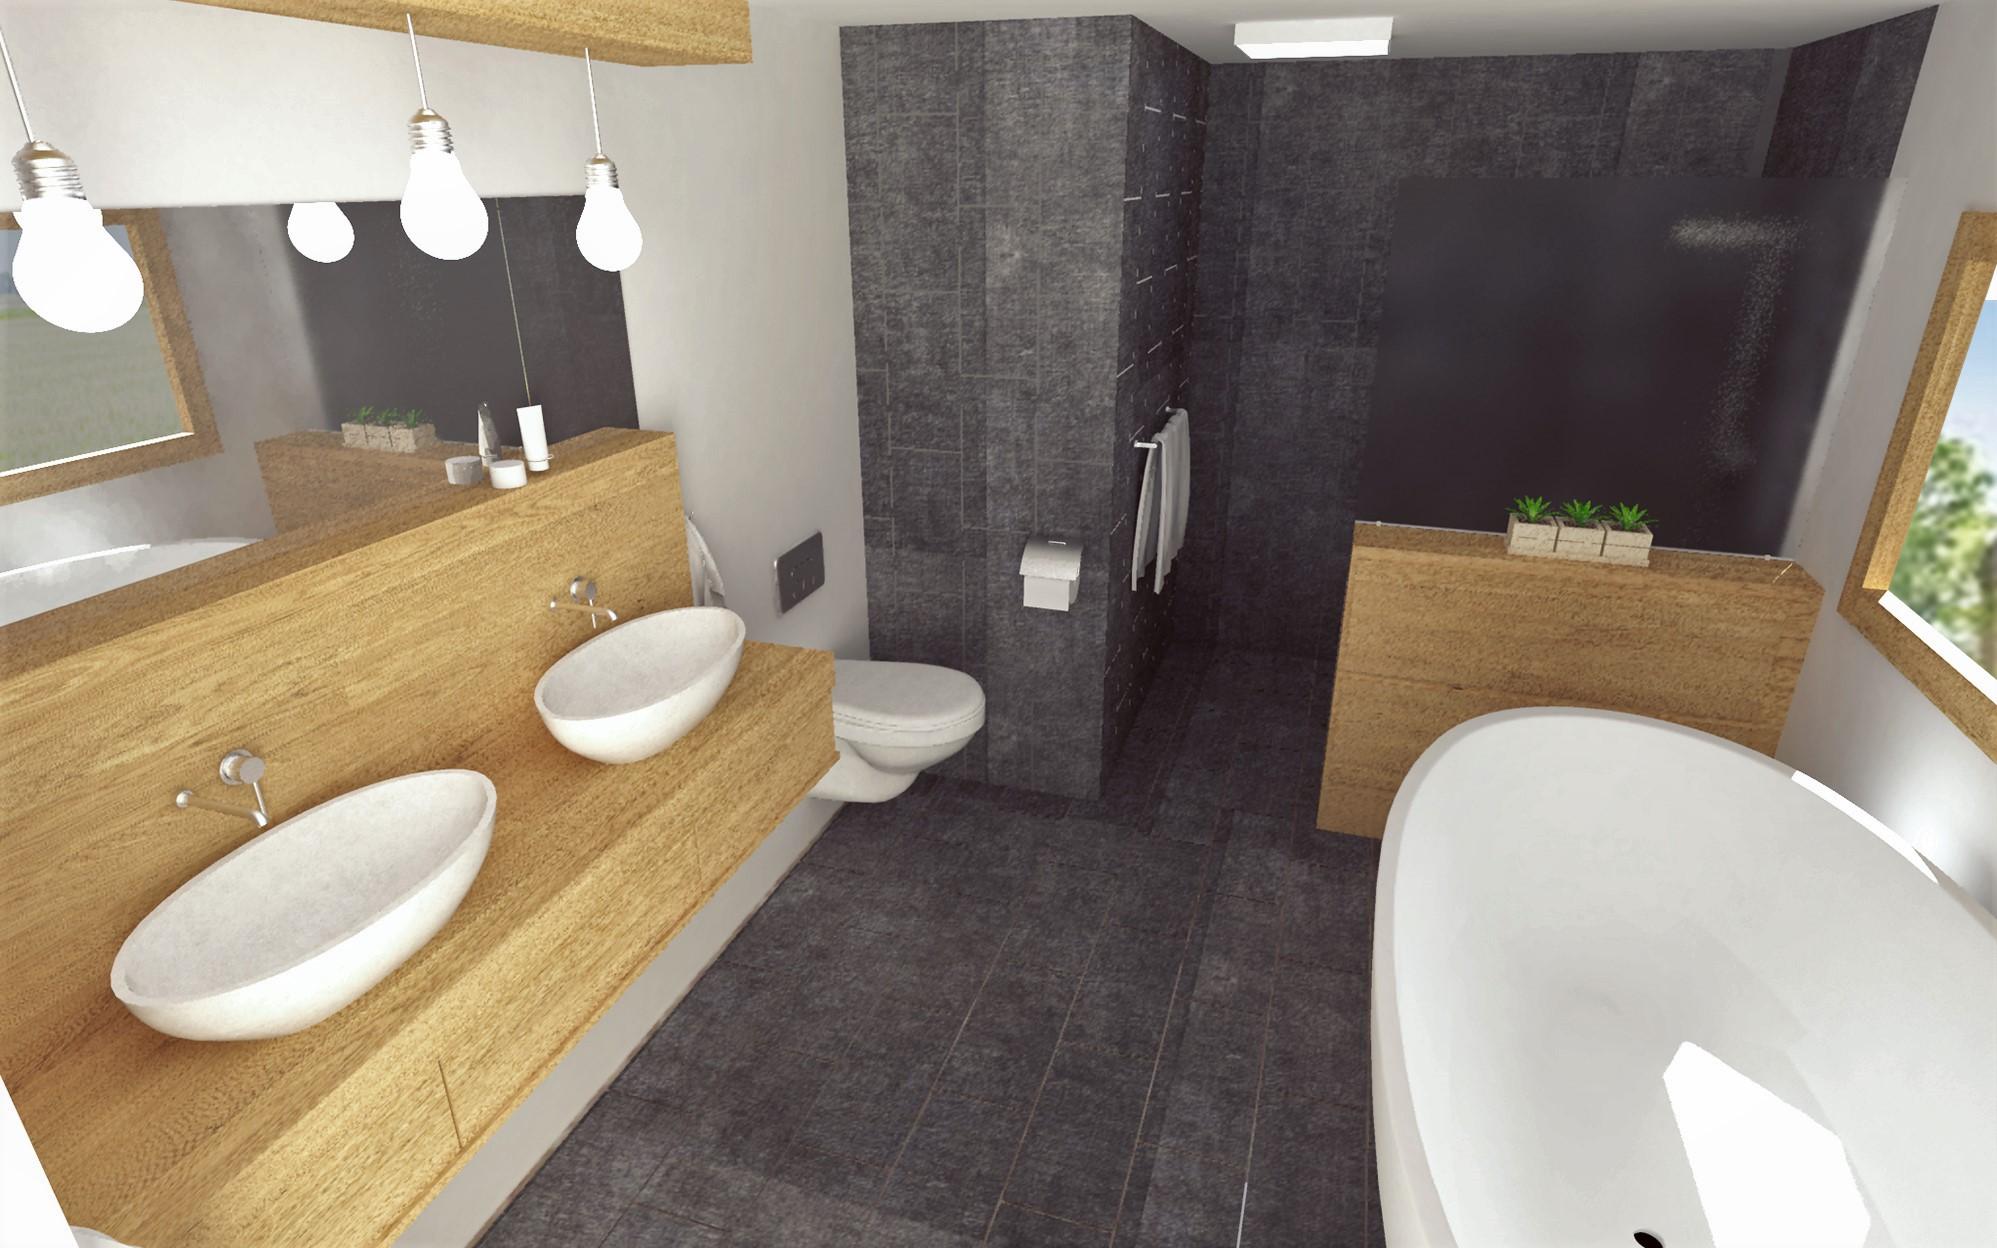 Návrh interiéru kúpeľne (Wood/Gray)